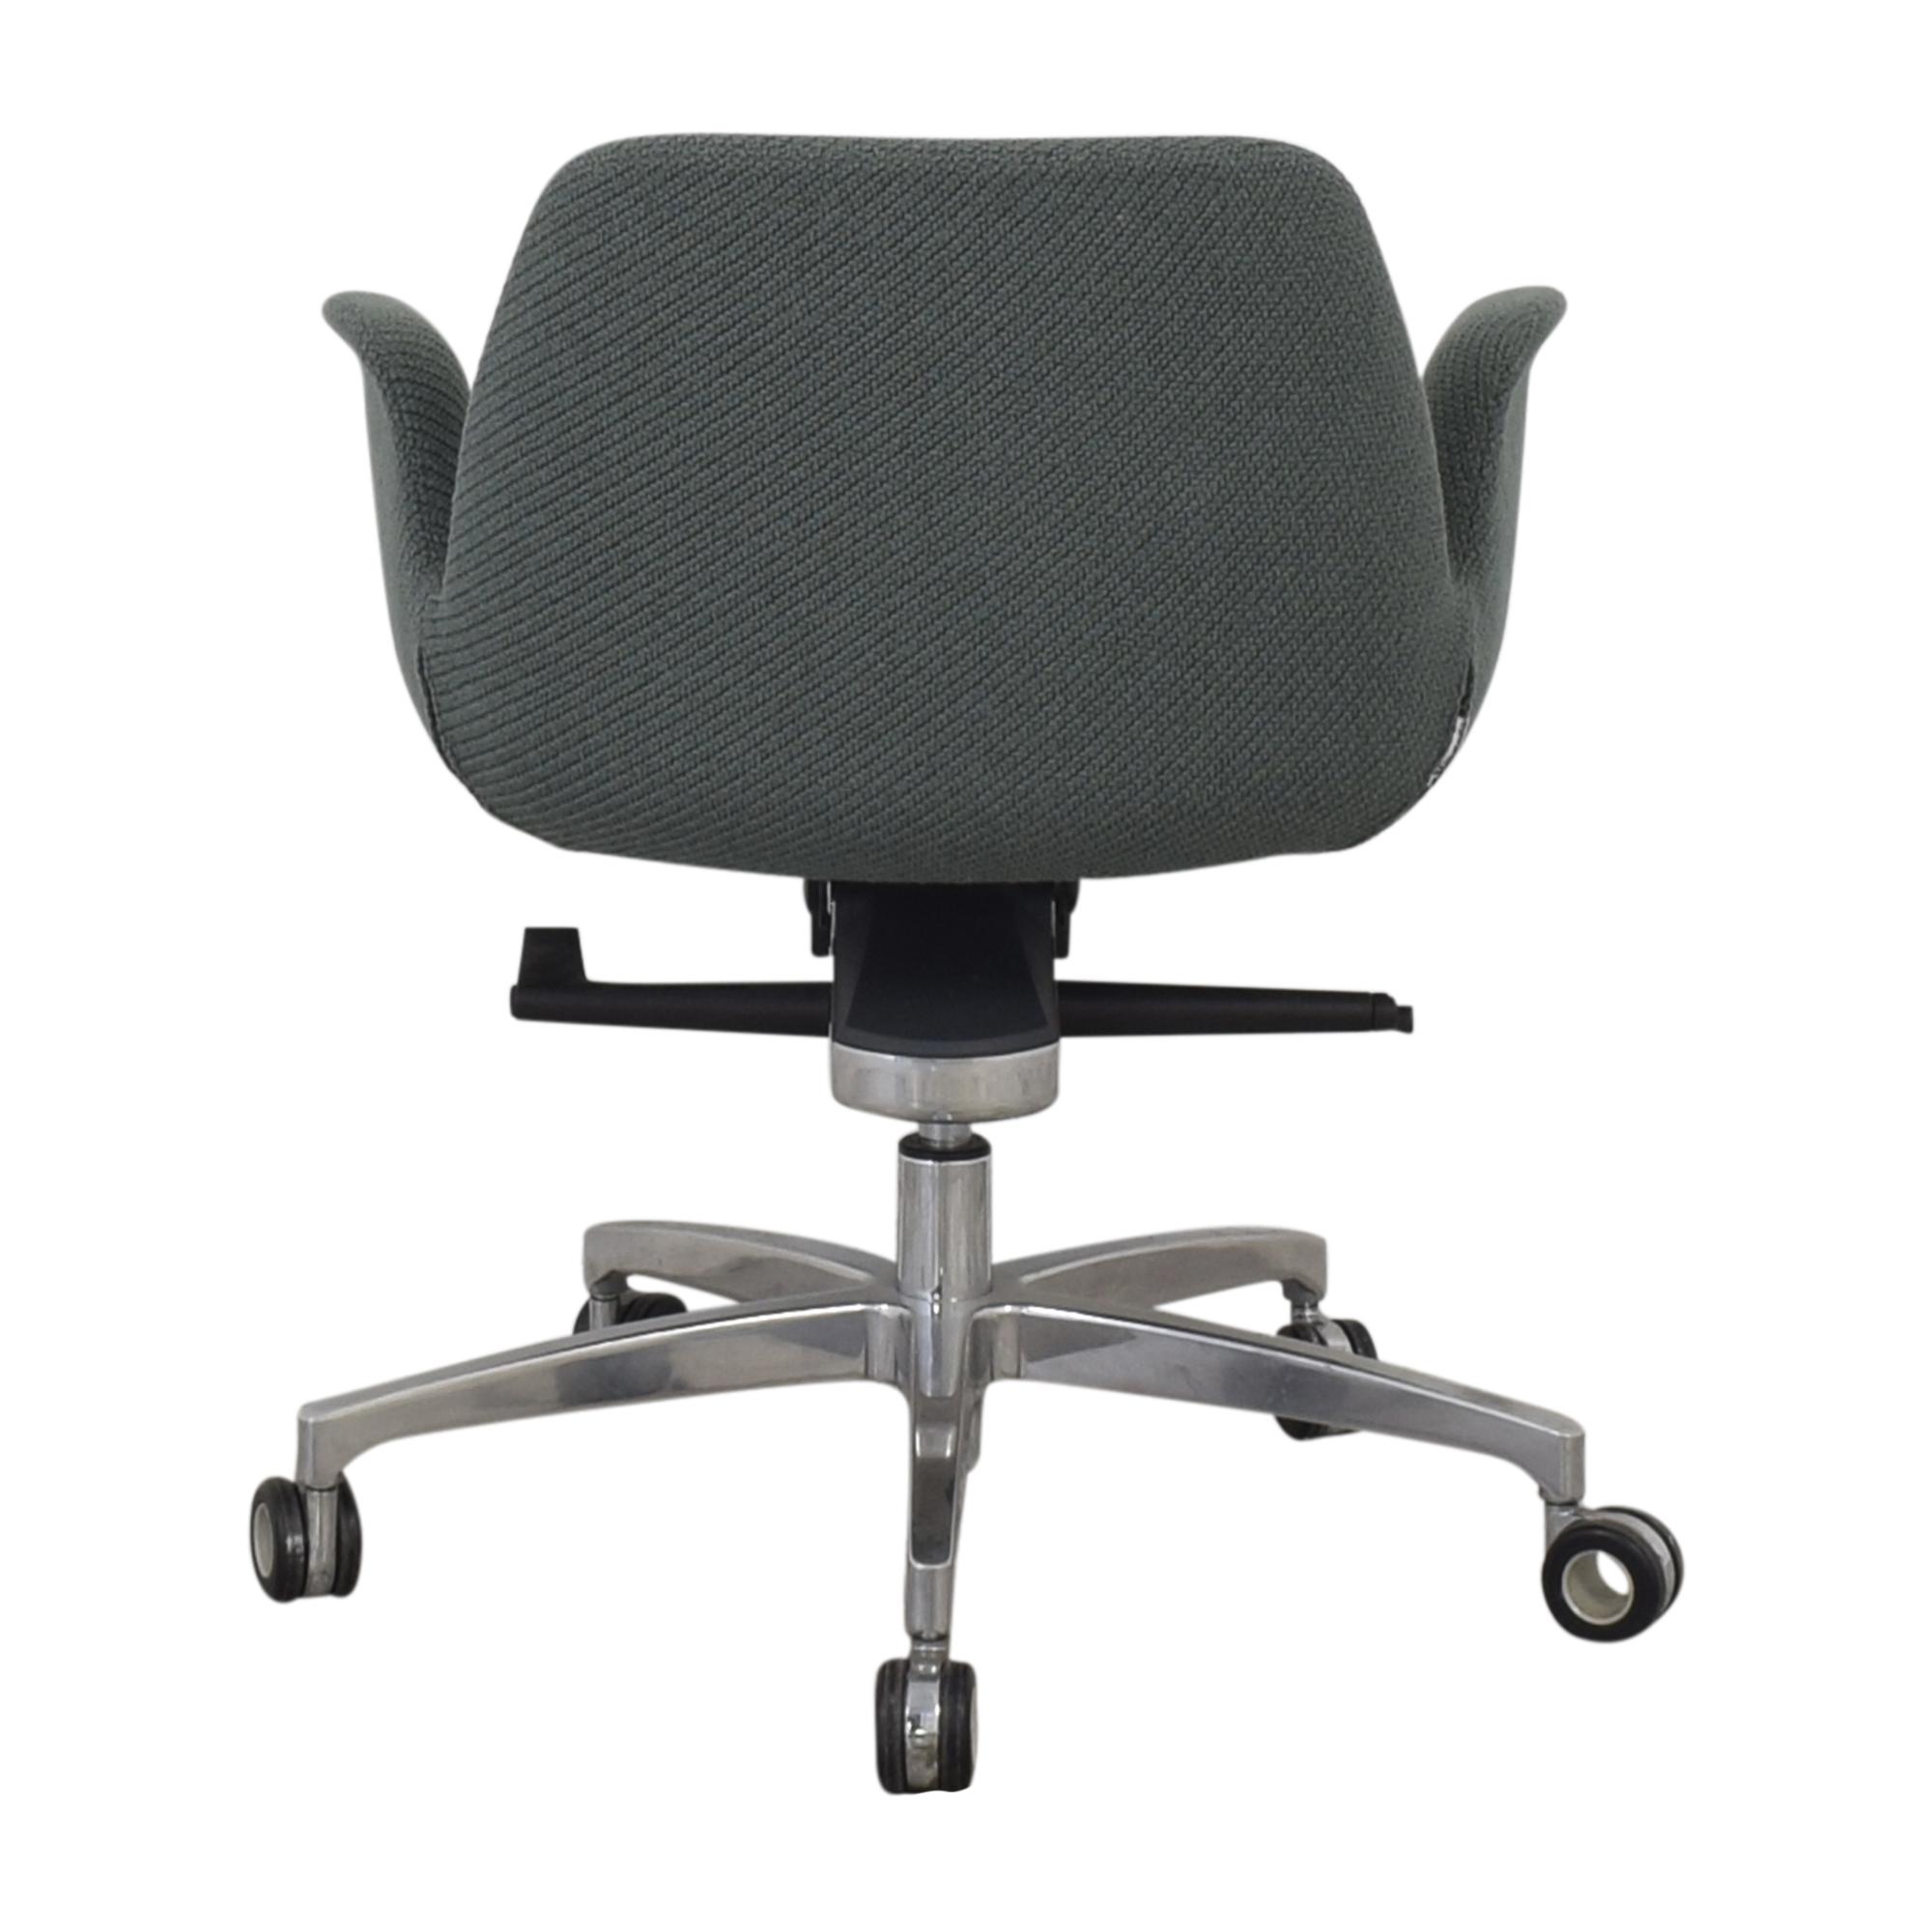 Koleksiyon Koleksiyon Halia Operator Task Chair price